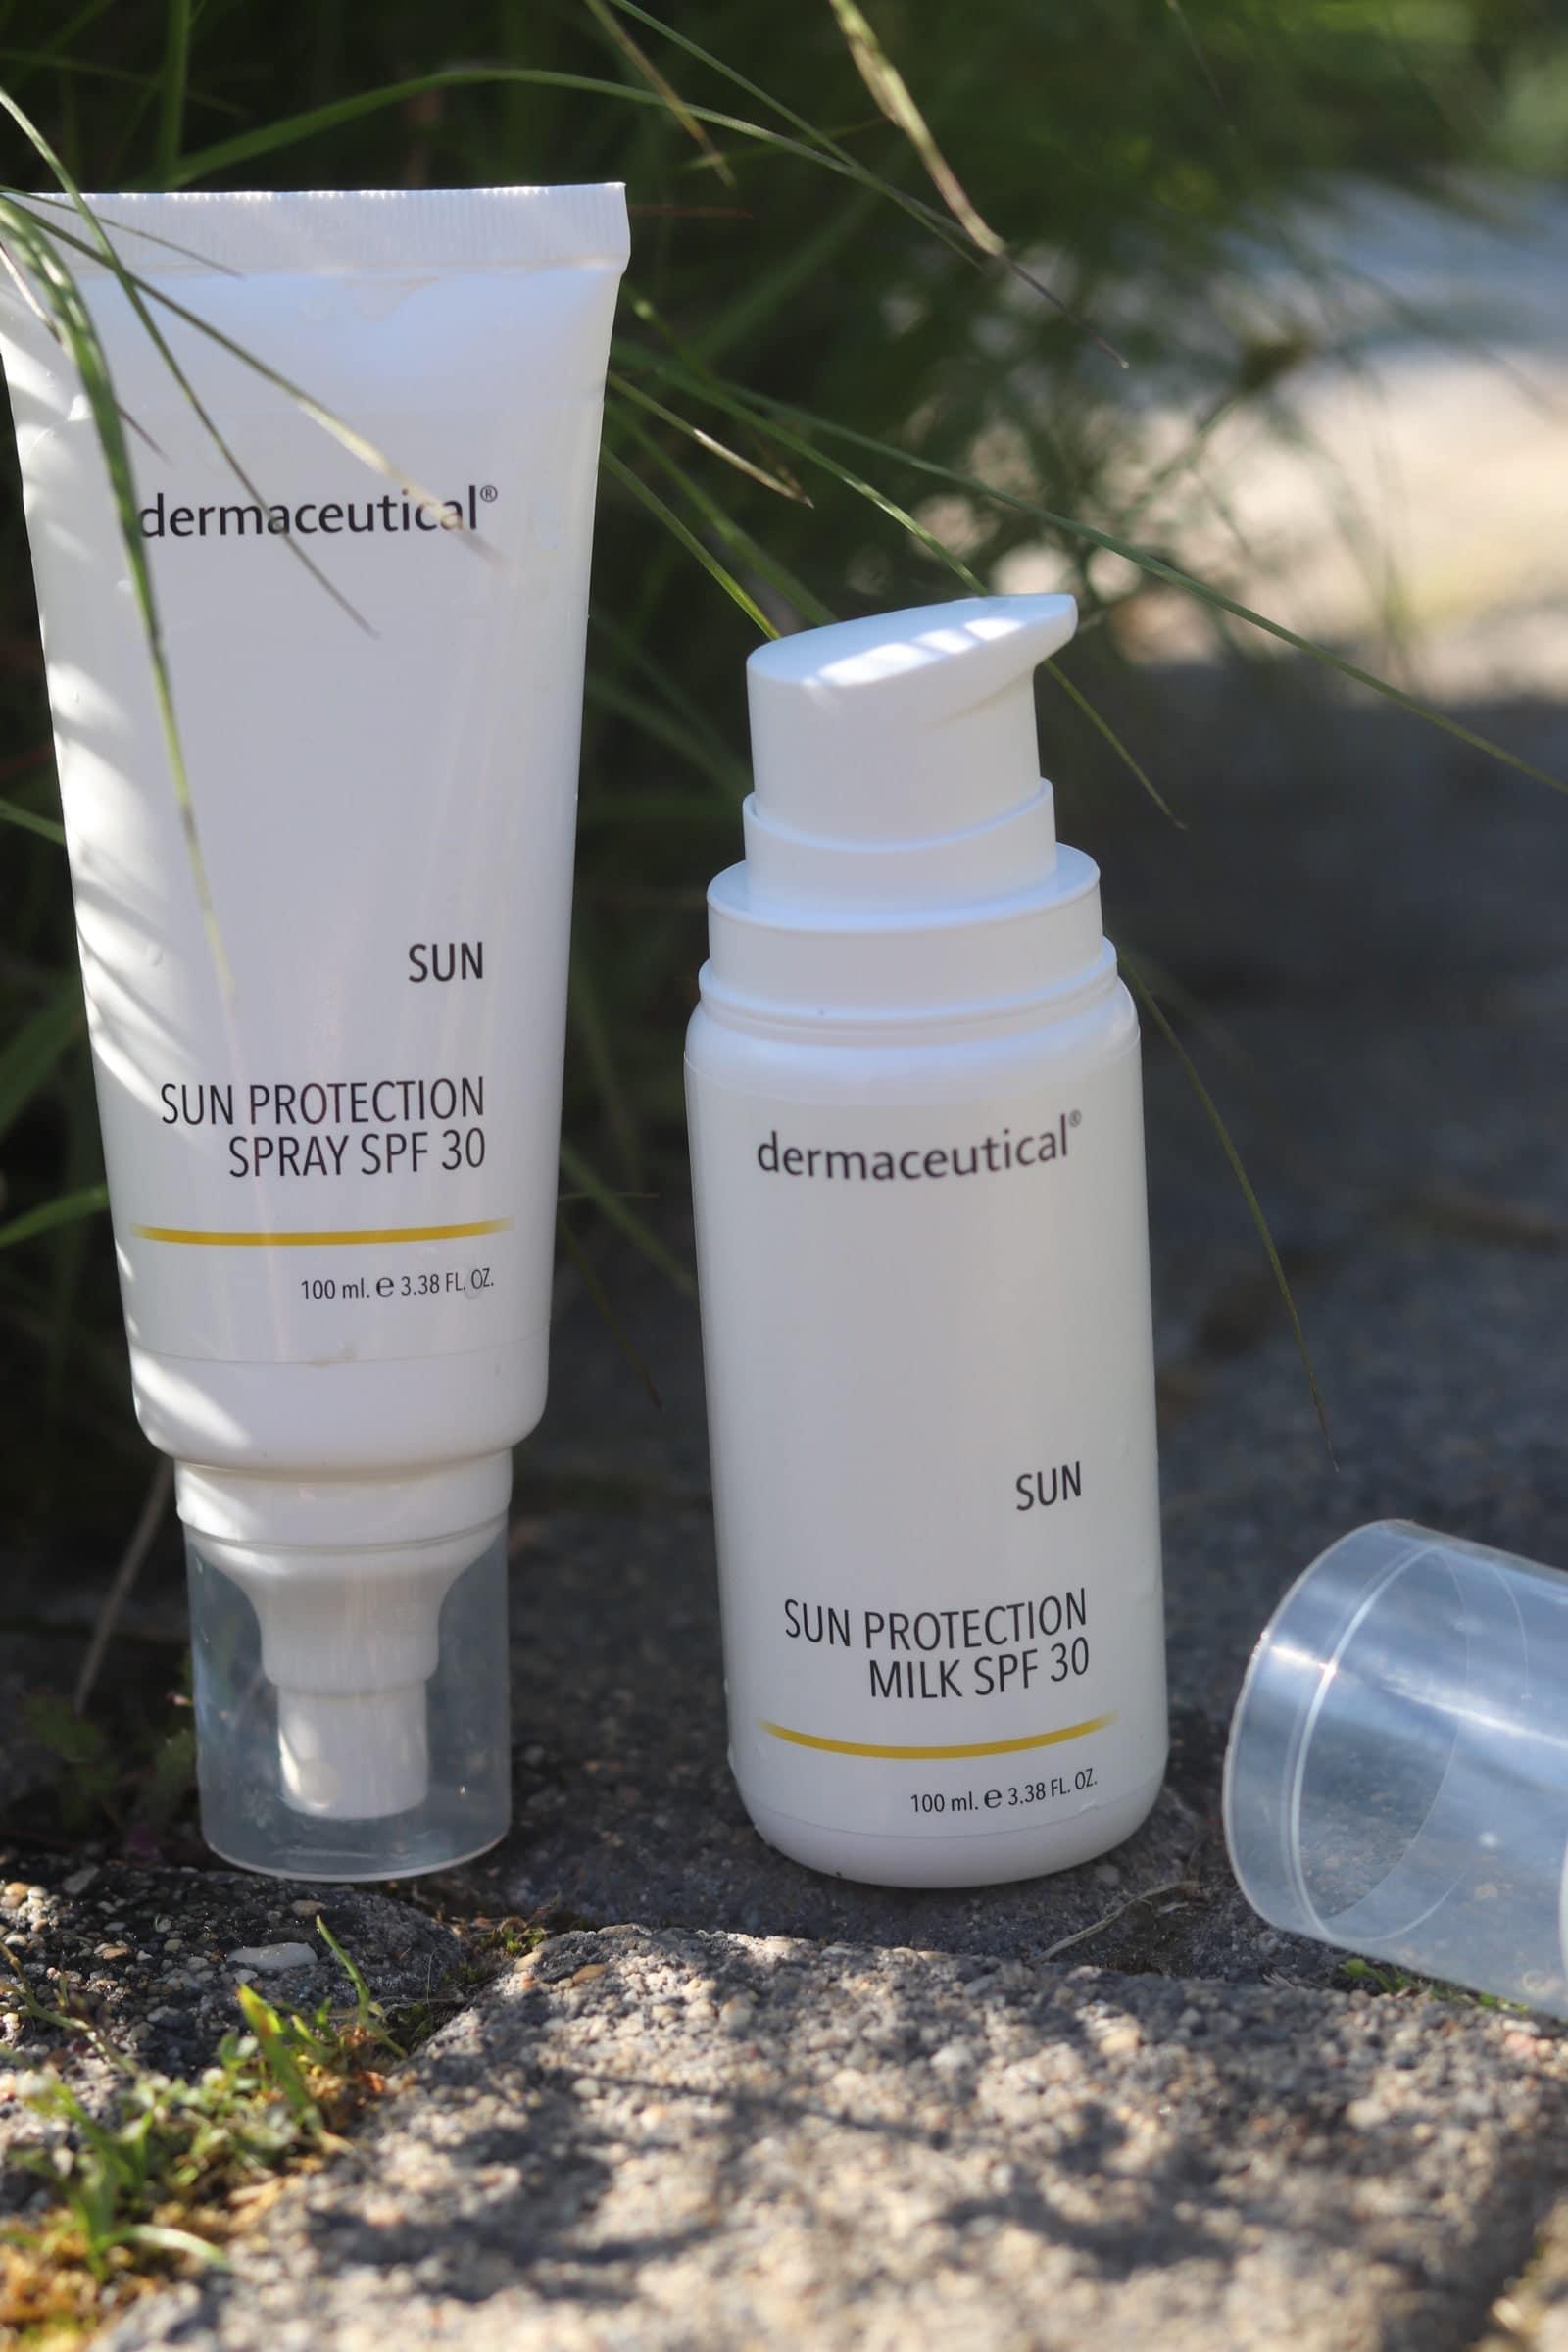 Sonnenschutz von dermaceutical